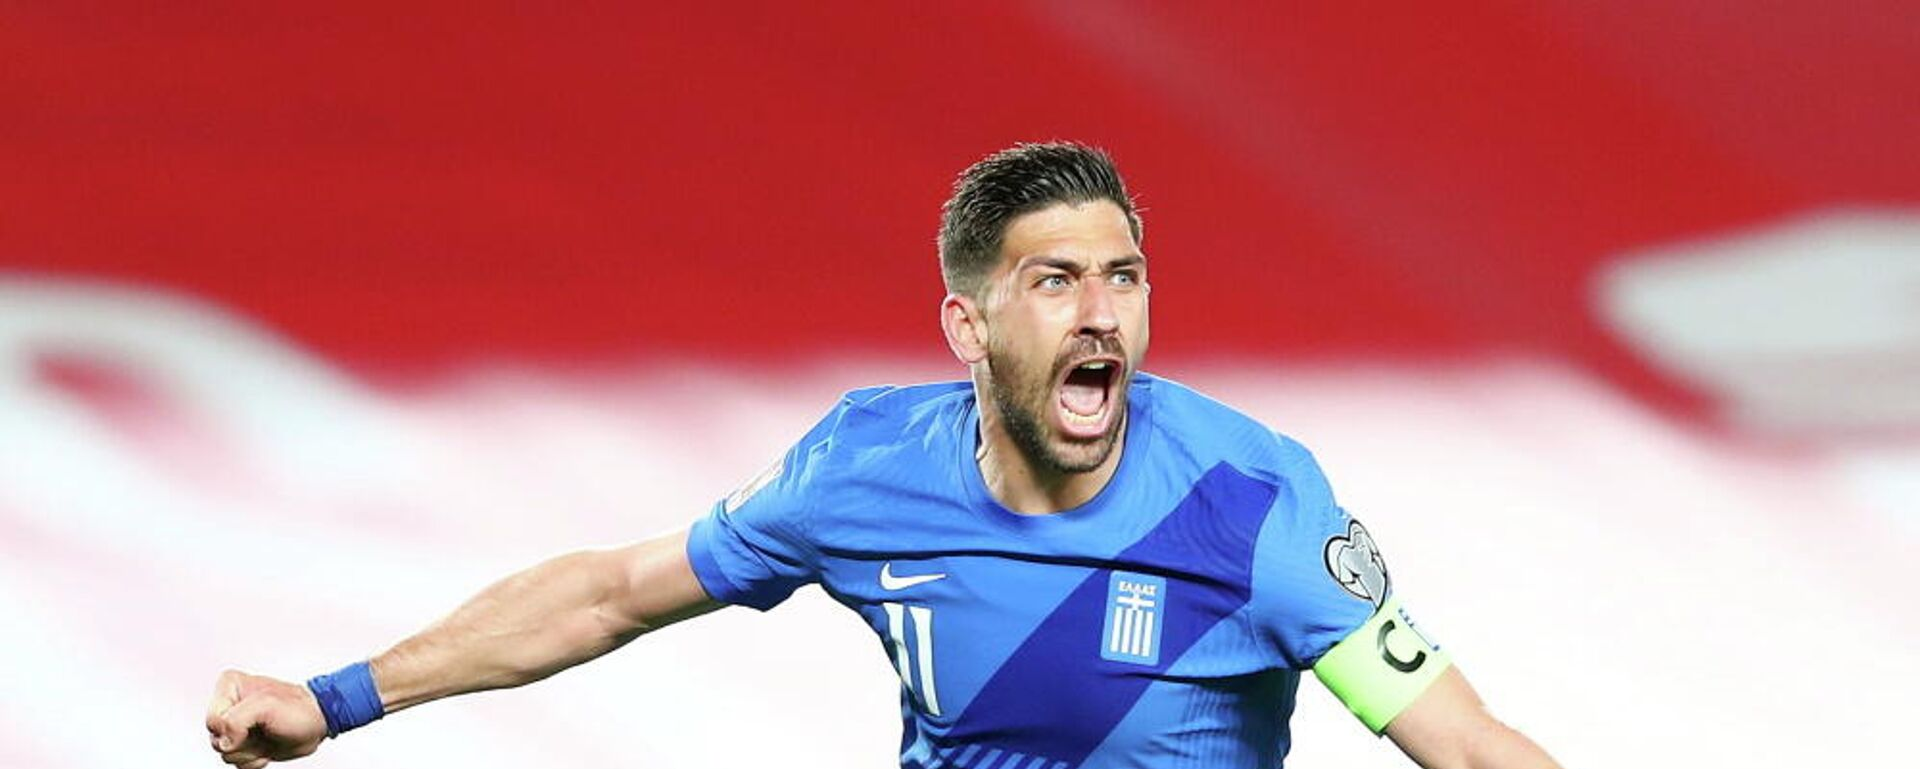 Ο Τάσος Μπακασέτας στον αγώνα Ισπανία - Ελλάδα για τα προκριματικά του Μουντιάλ 2022, 25 Μαρτίου 2021 - Sputnik Ελλάδα, 1920, 08.10.2021